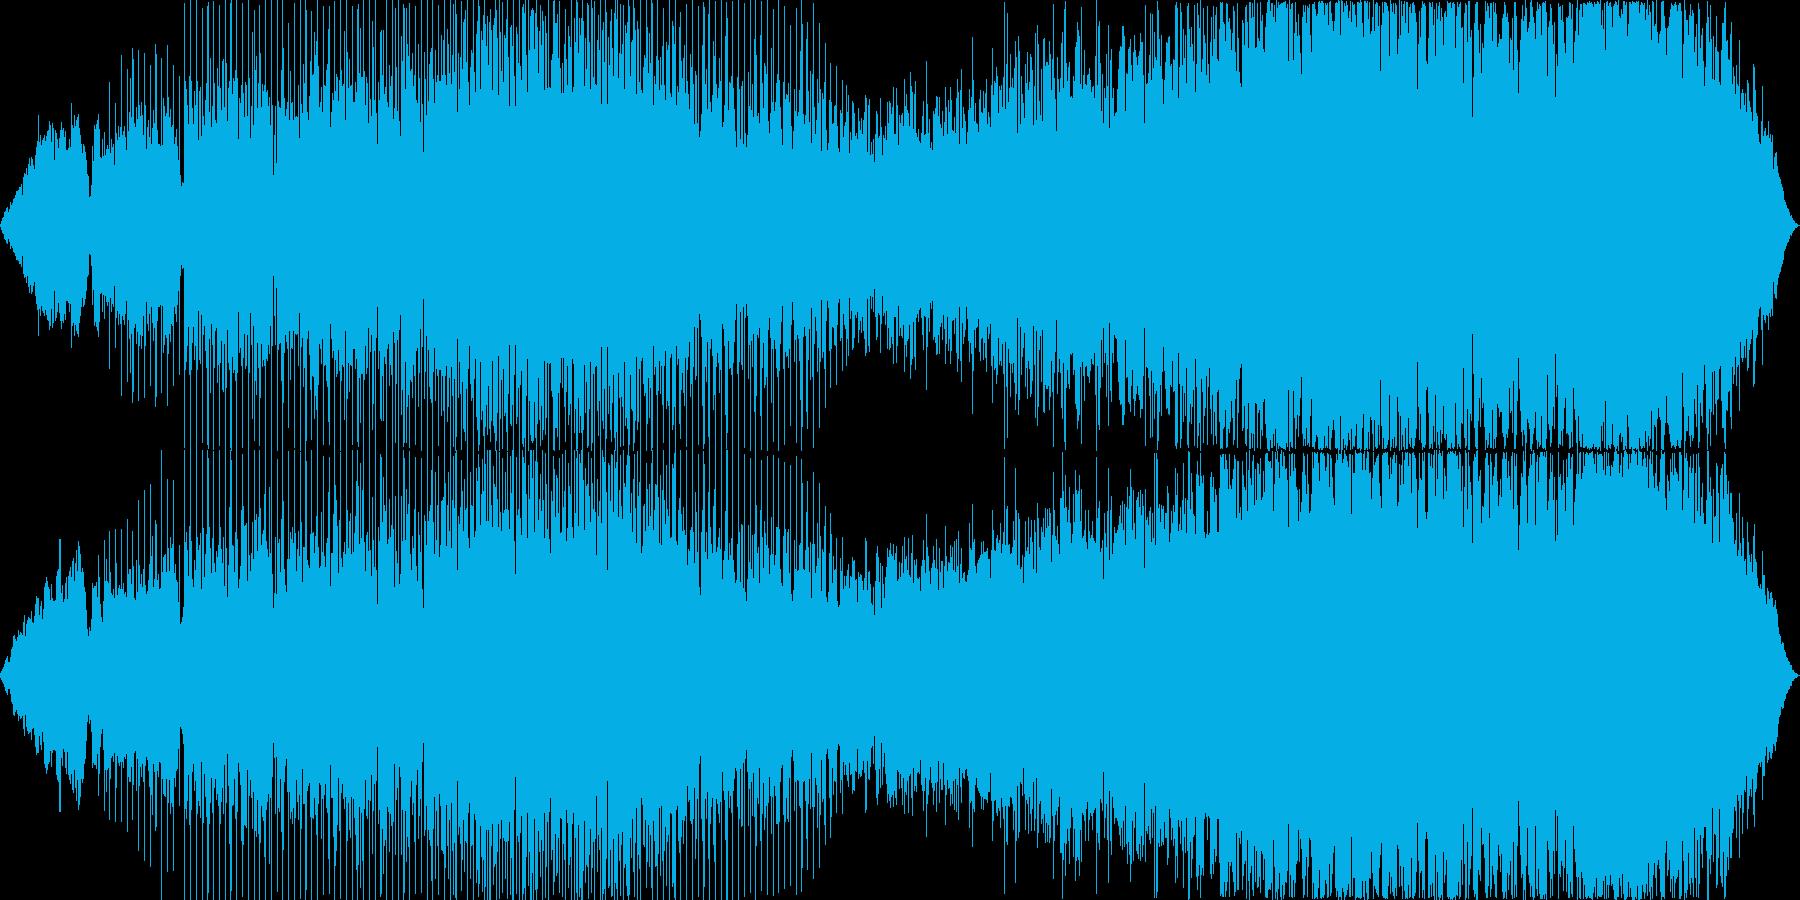 宇宙をイメージしたドラマティックな展開の再生済みの波形